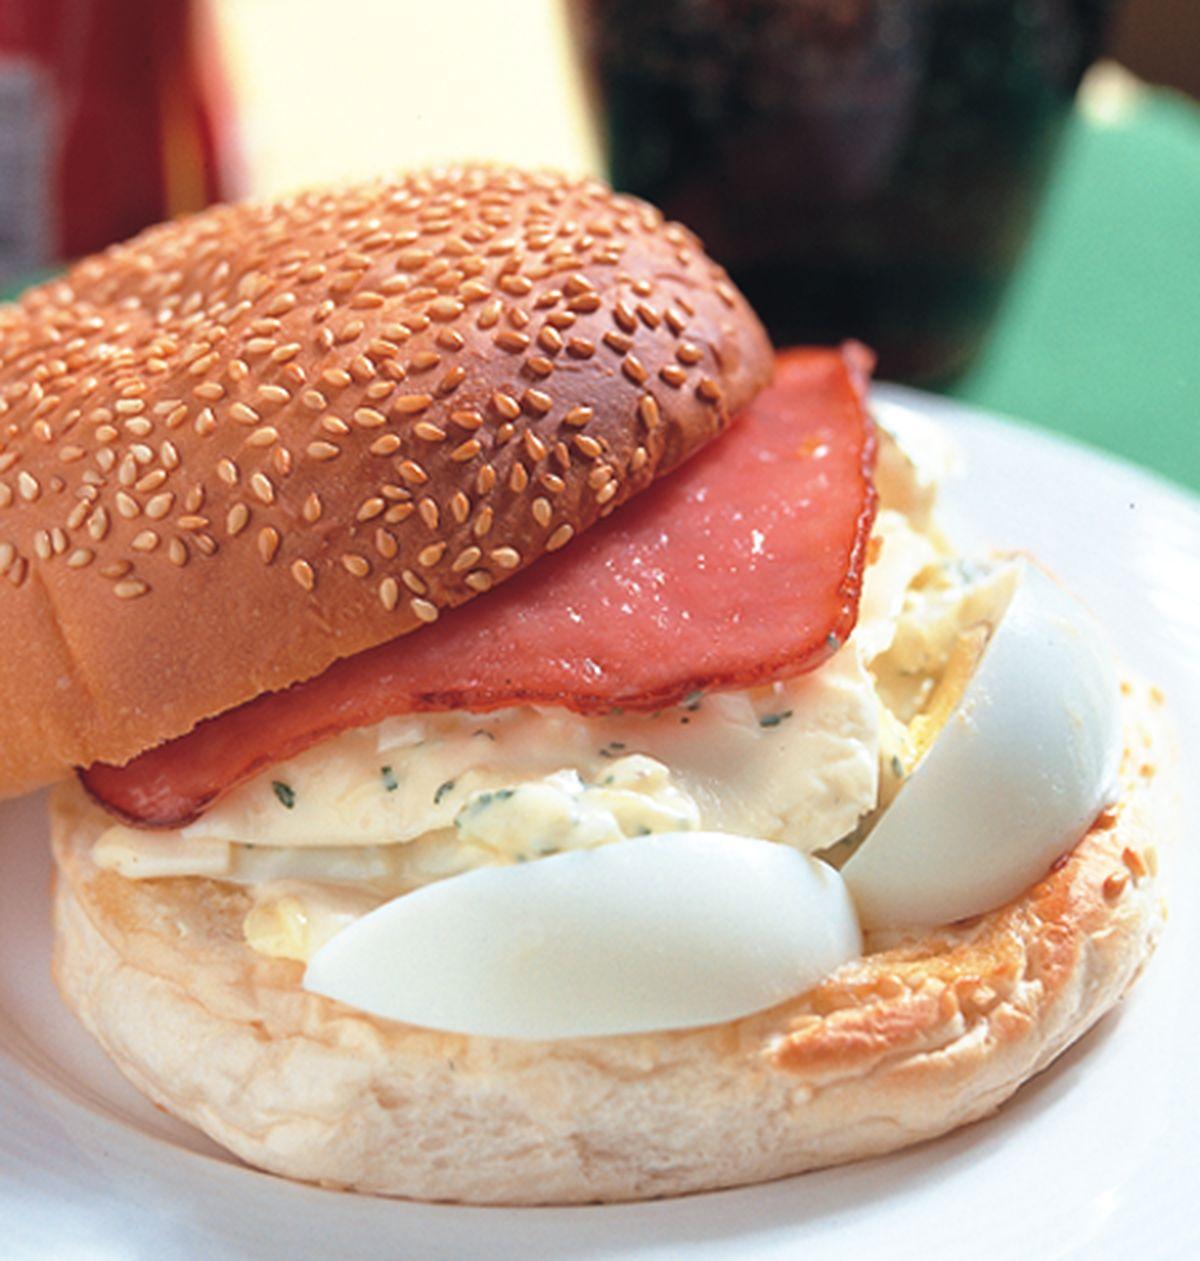 食譜:起士蛋漢堡